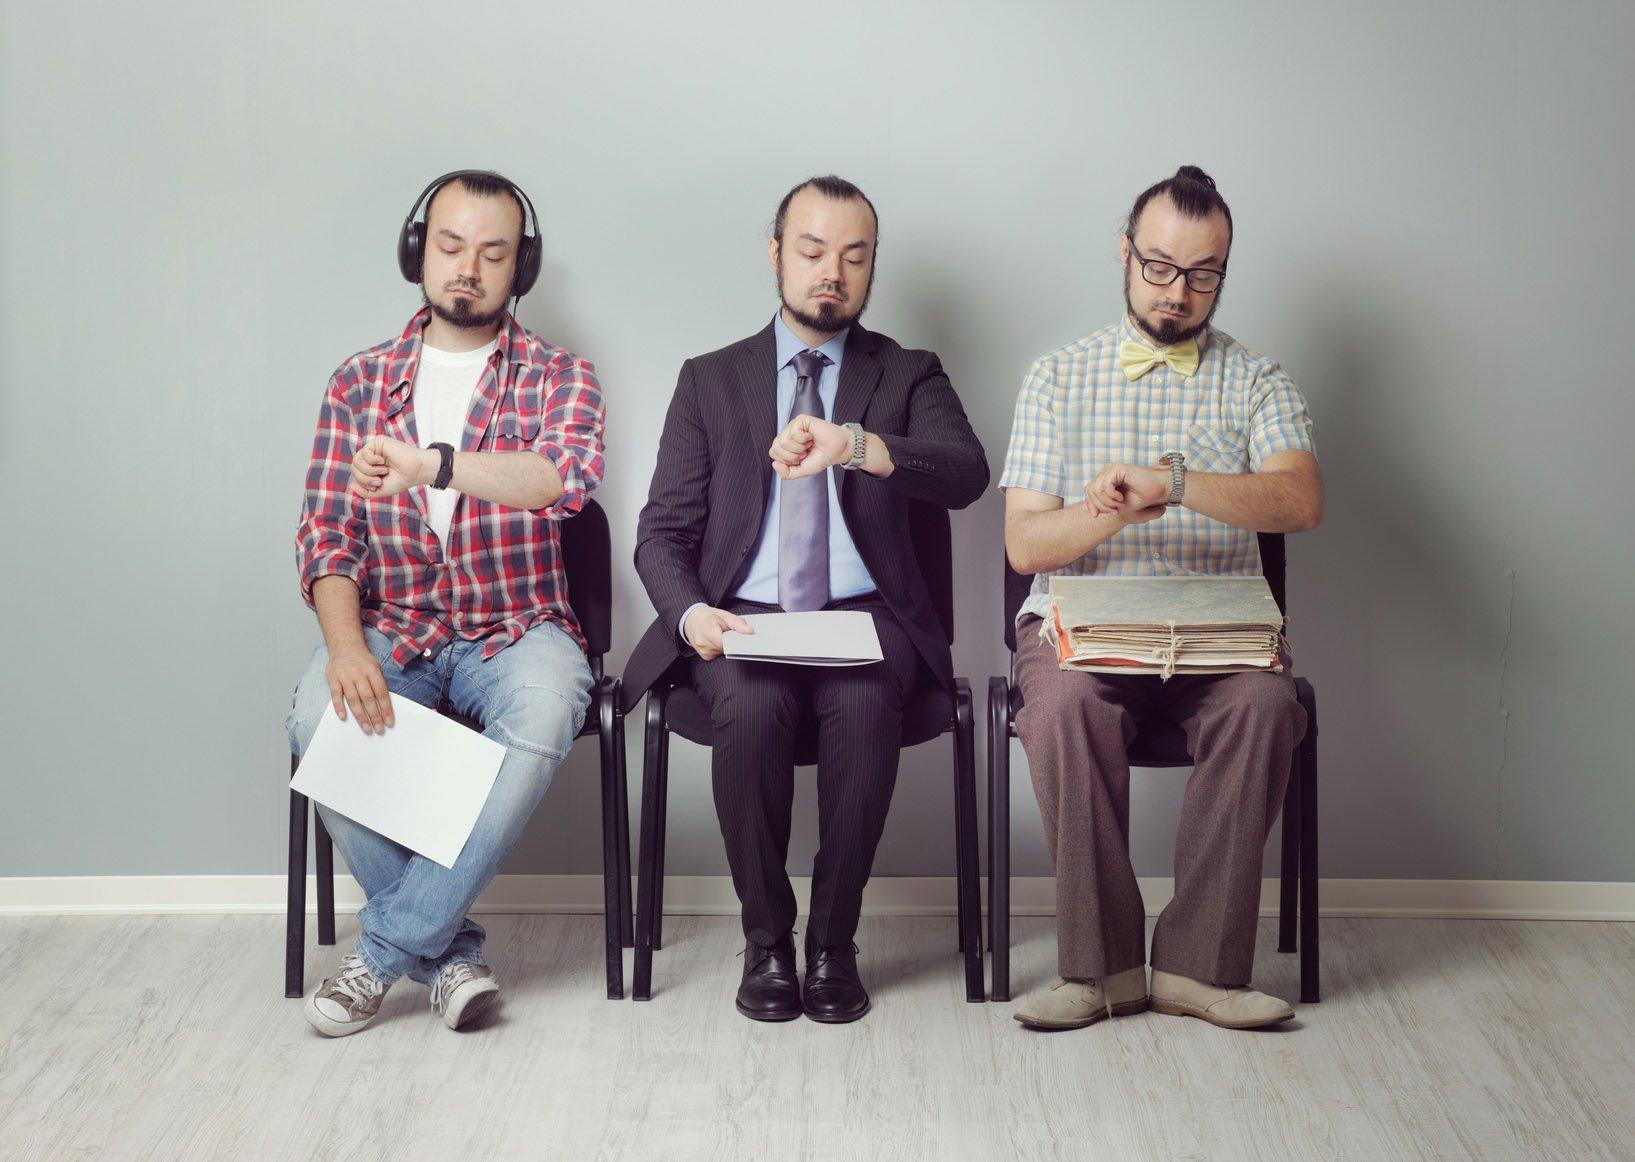 4 cose che devi assolutamente eliminare dal tuo CV